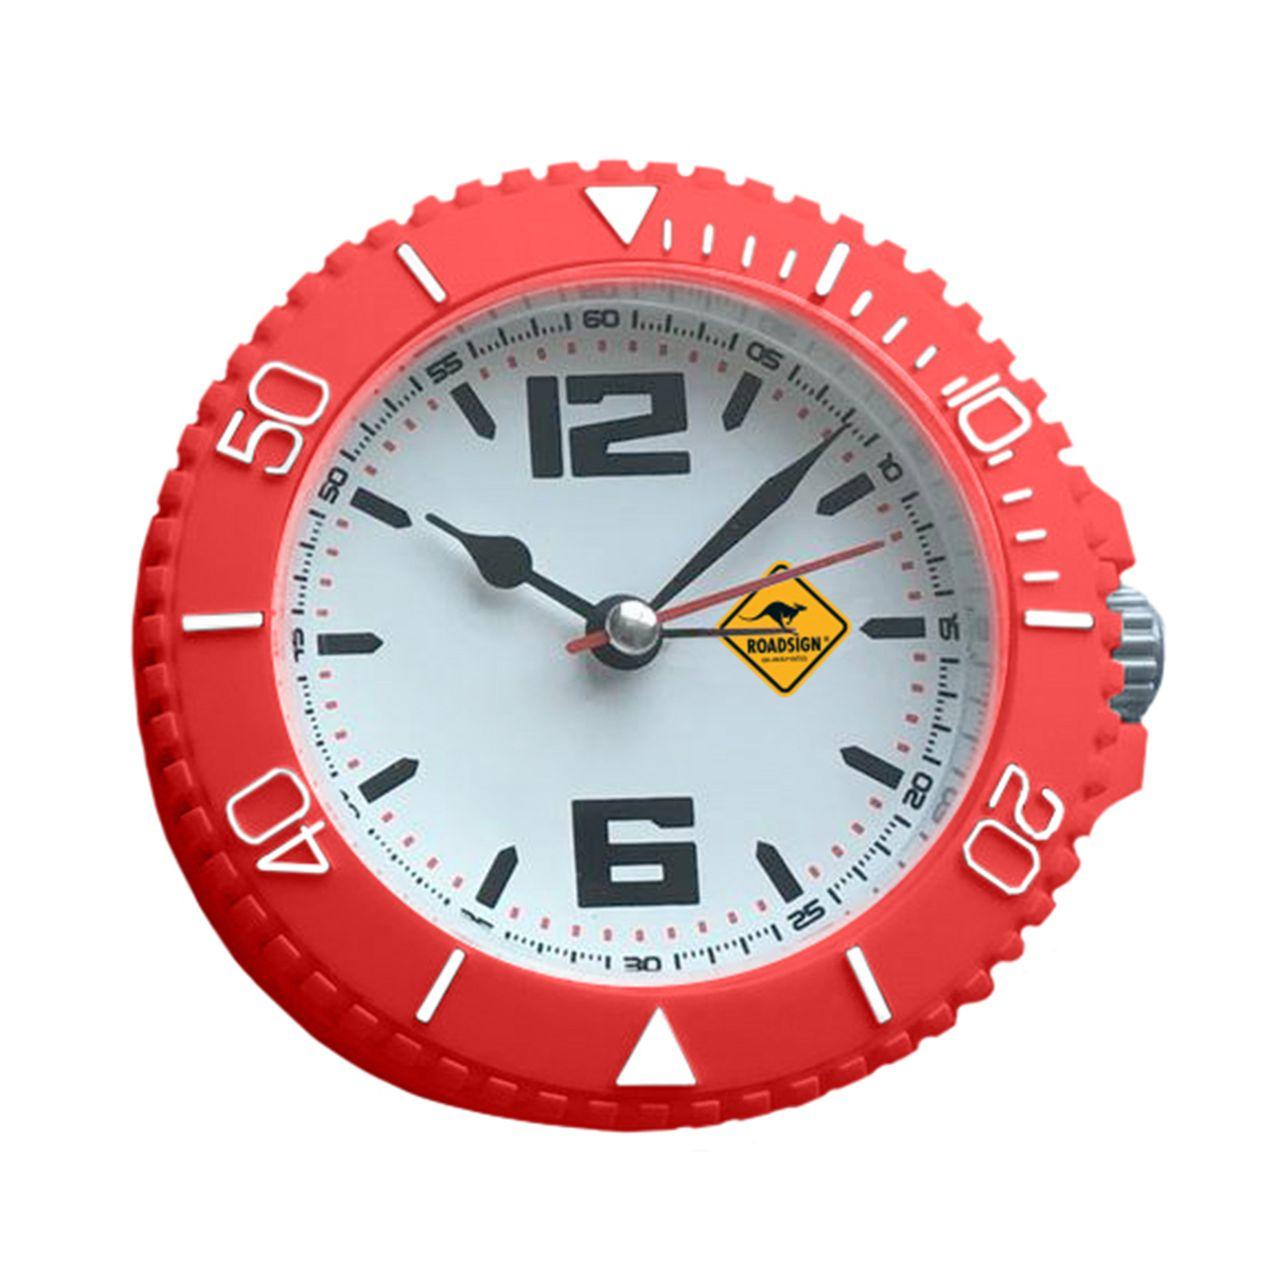 Alarme Exterieur Pour Jardin Best Of Roadsign Newcastle Horloge De Table Avec Fonction Alarme Rouge Of 24 Inspirant Alarme Exterieur Pour Jardin